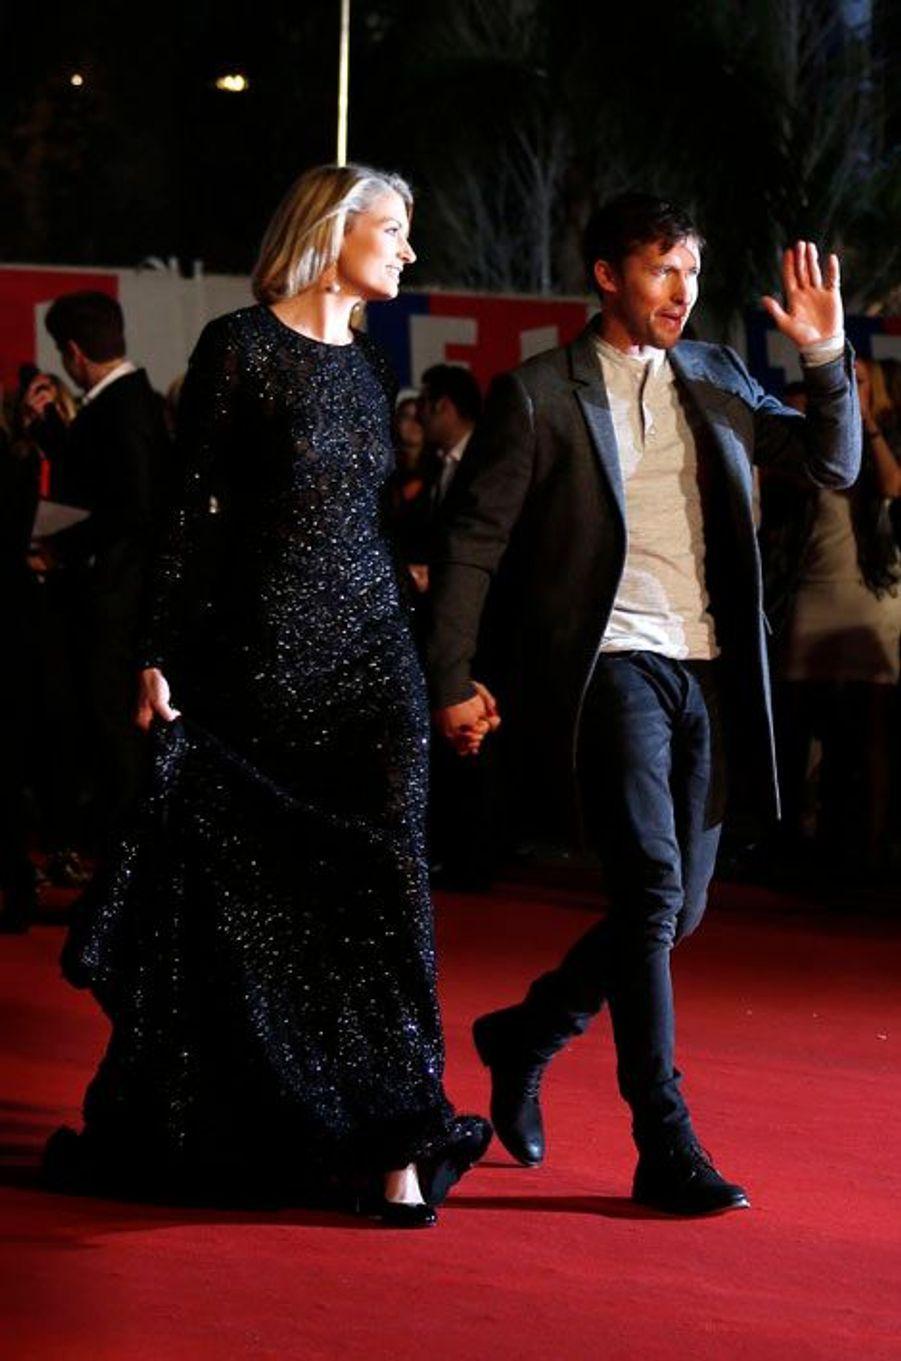 Le chanteur James Blunt avec sa petite amie Sofia Wellesley